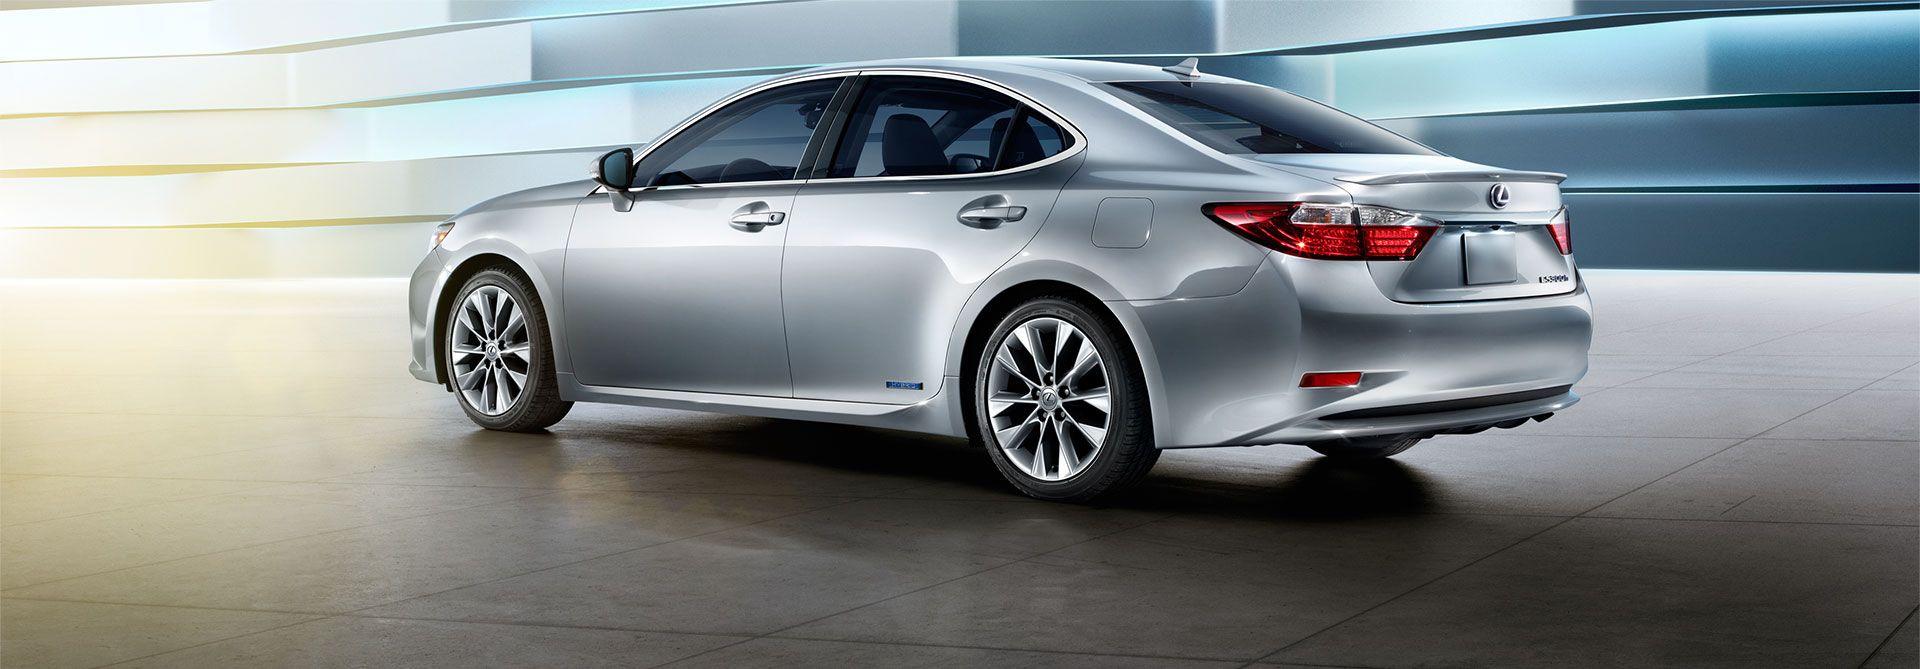 2015 Es 300h In Atomic Silver Lexus Models Lexus Es Lexus Dealership